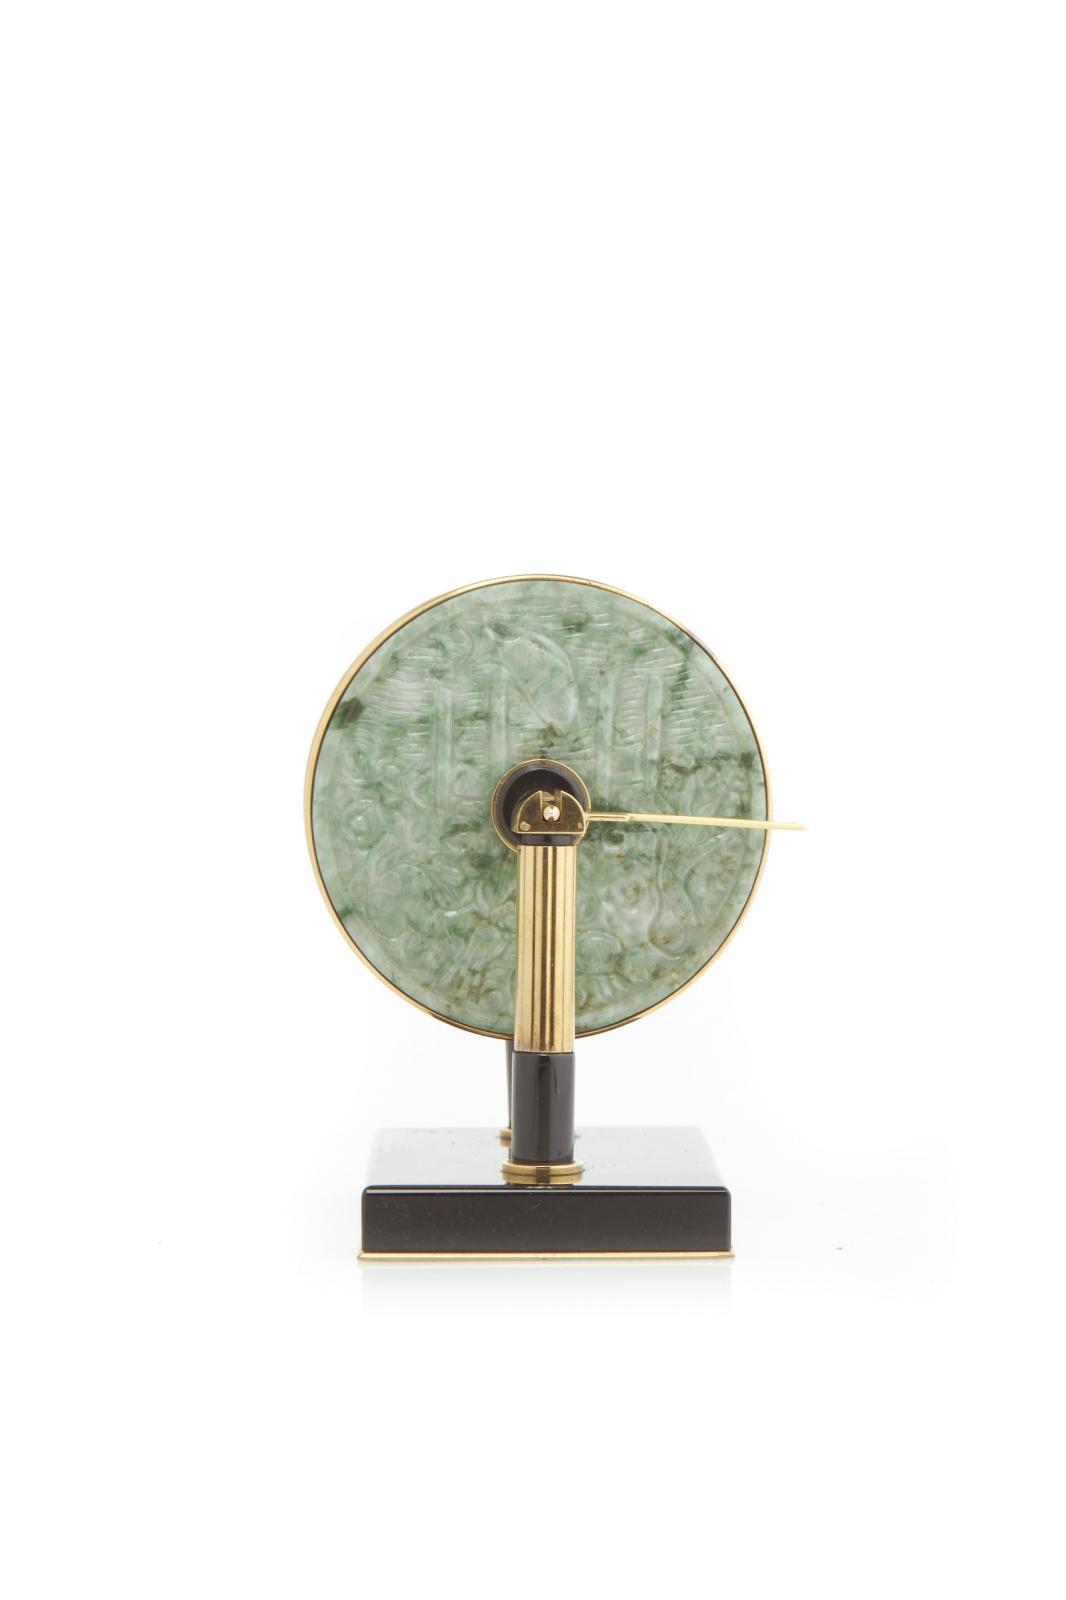 Pendule mystérieuse formée de deux disques de jade du XIXè siècle et agrémentée d'or, onyx, email. Cartier Paris, vers 1938.Collection pri